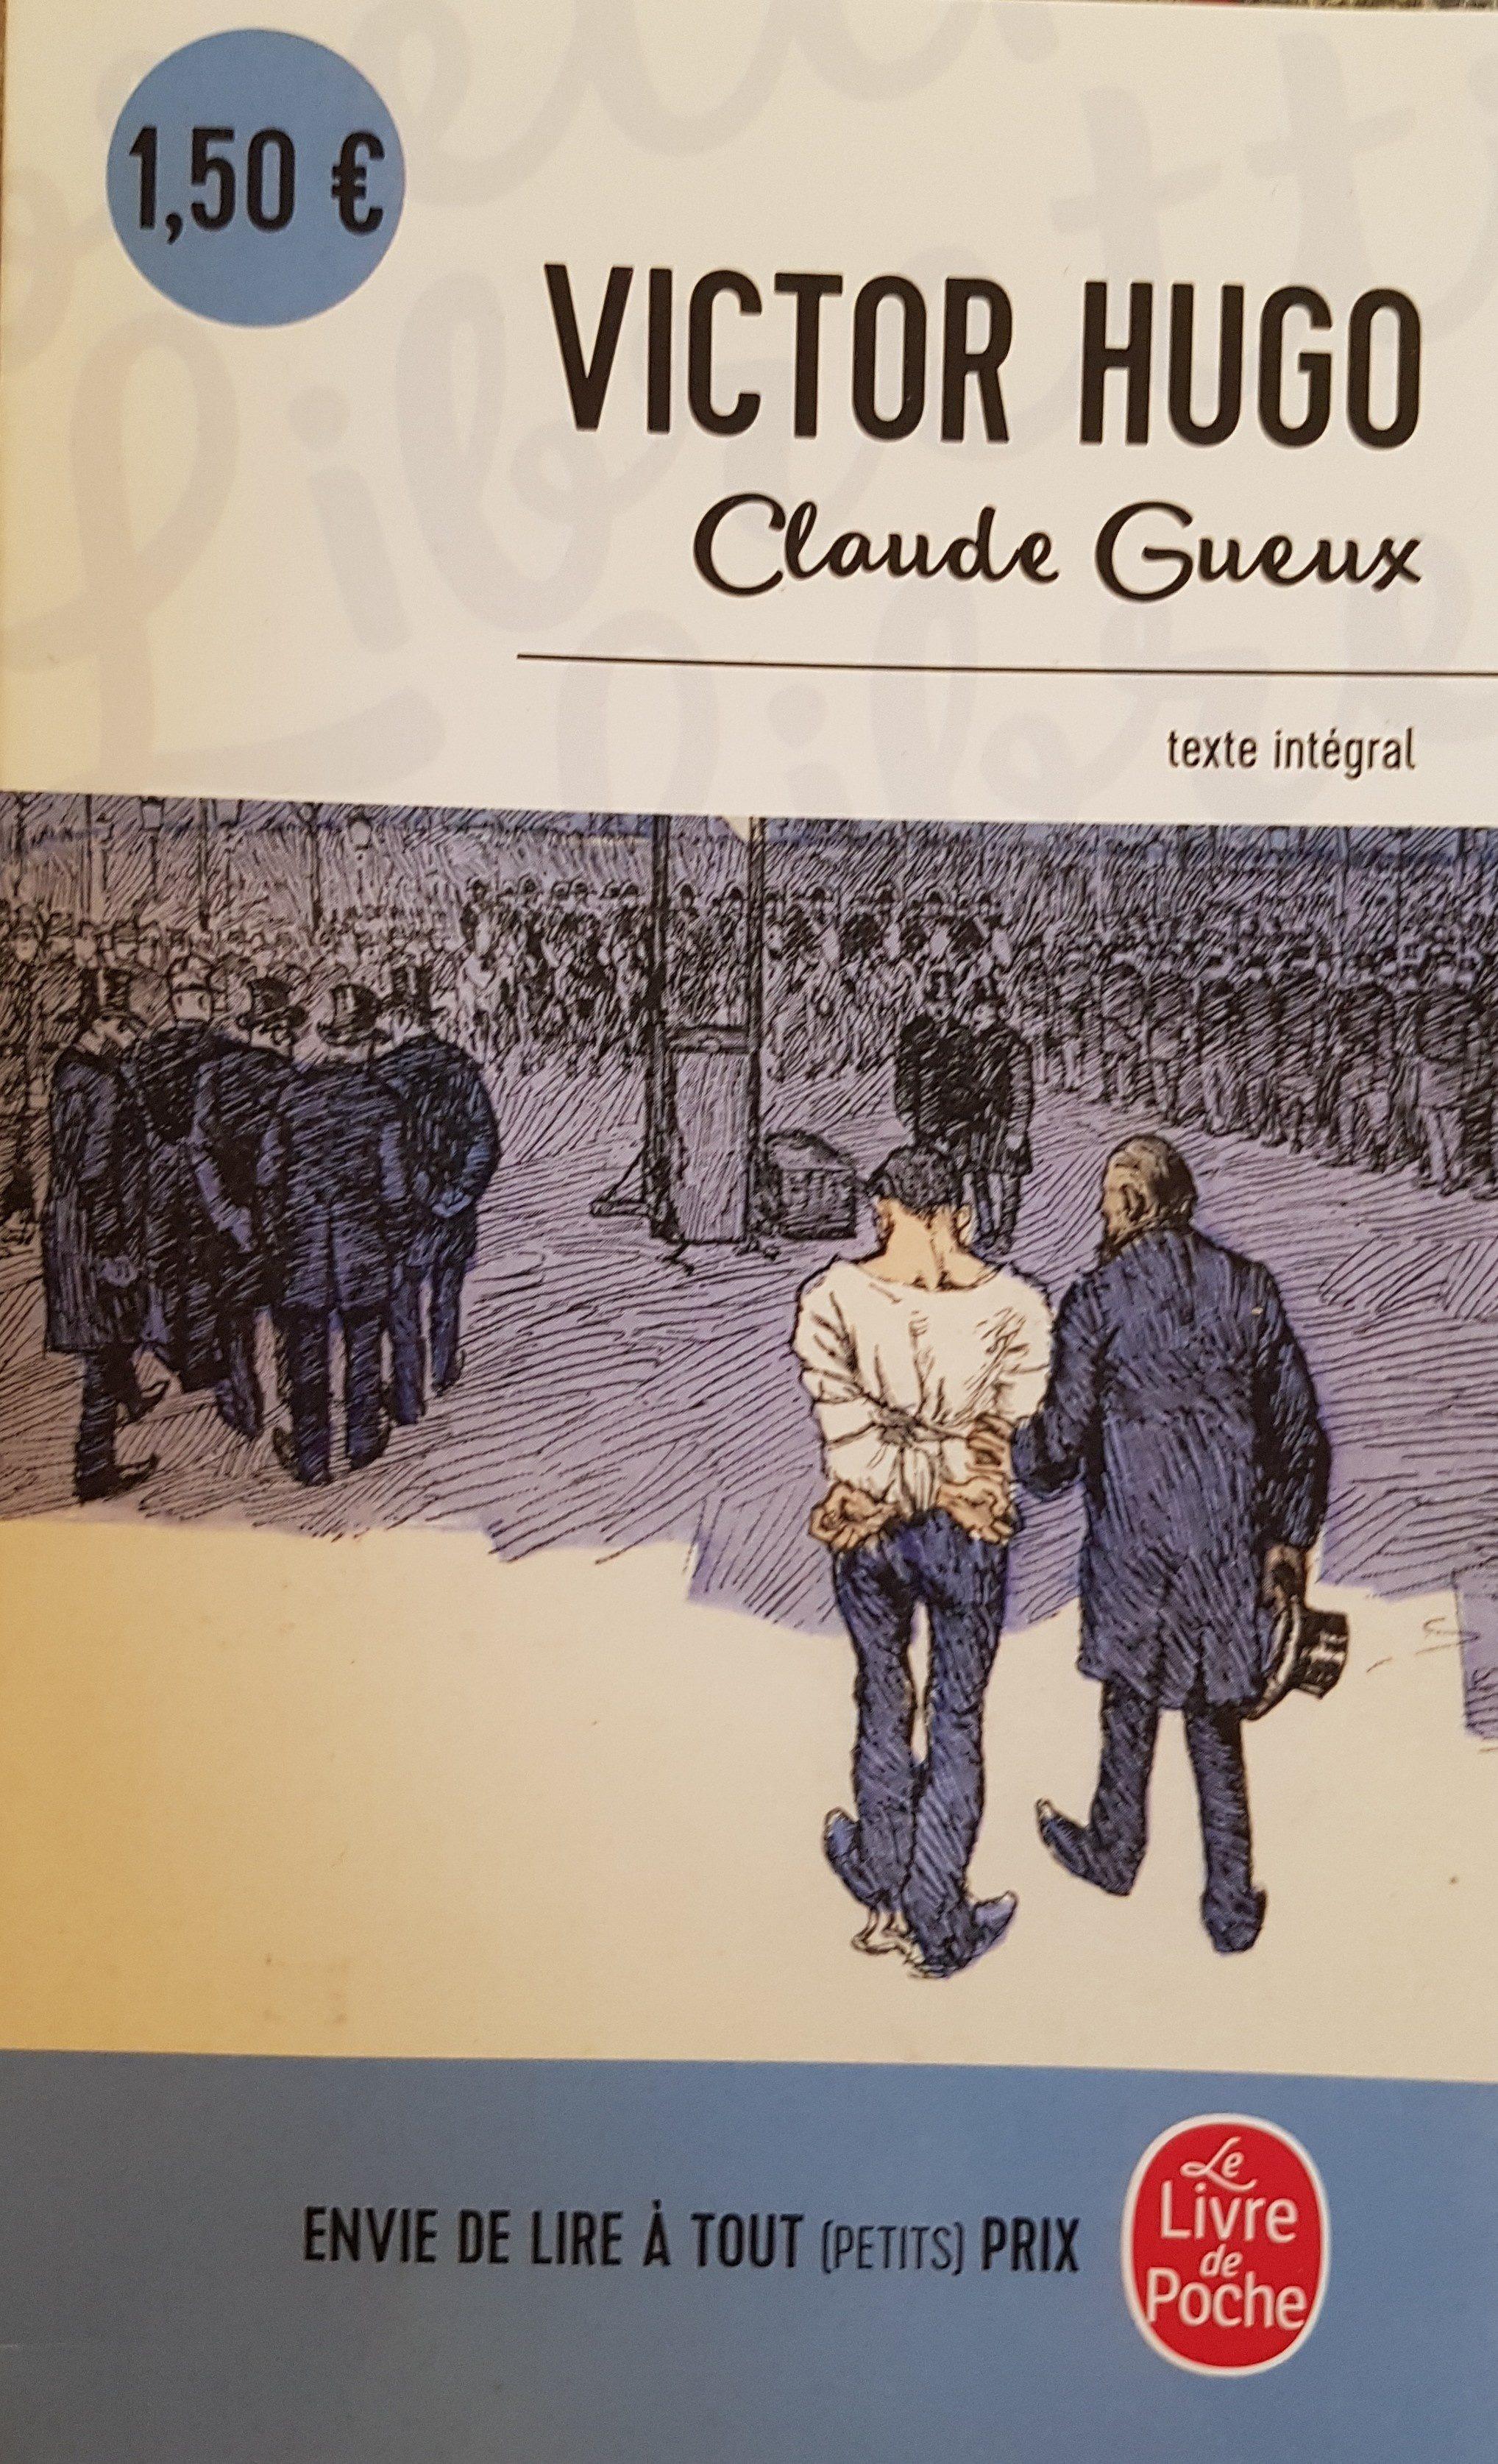 Victor Hugo de CLAUDE GUEUX - Product